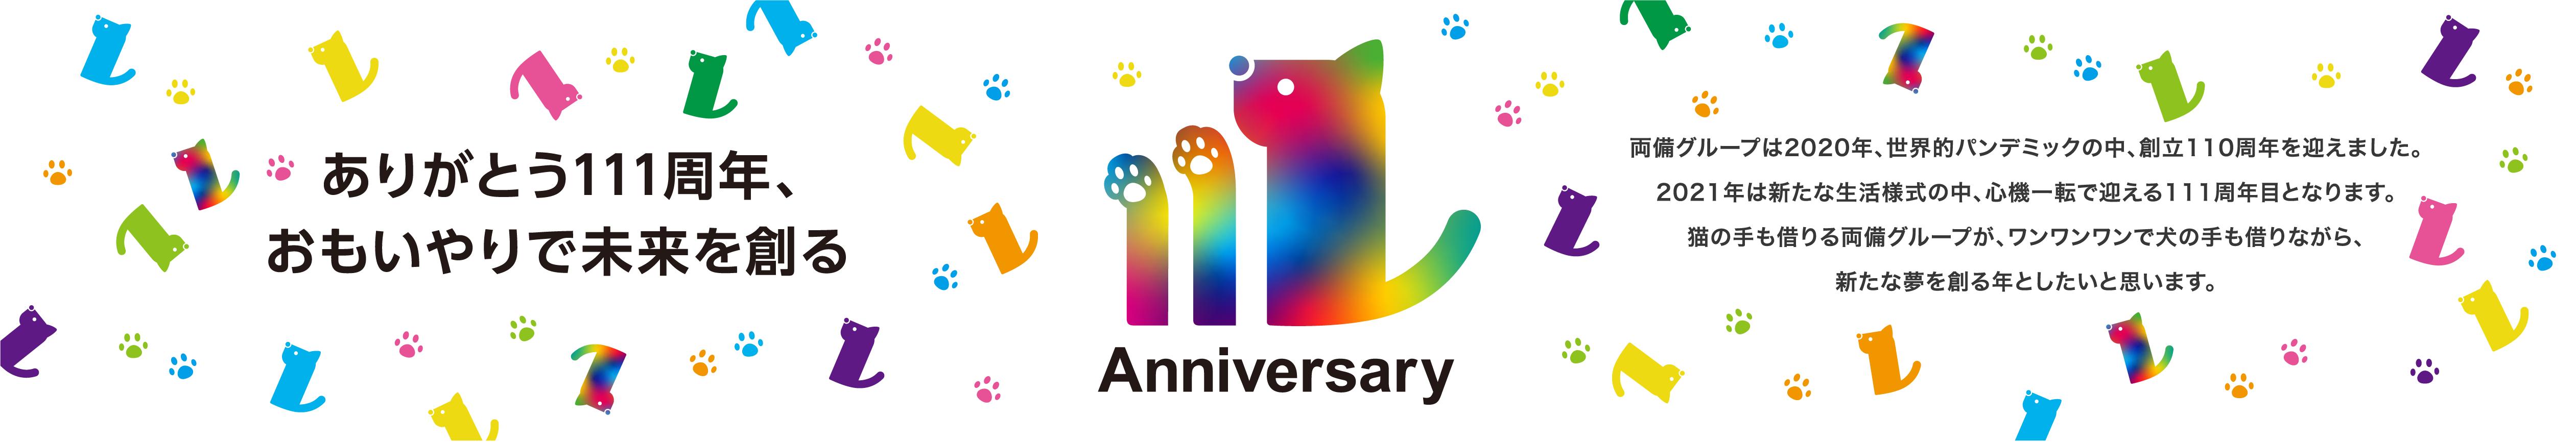 両備グループ111周年記念サイト02